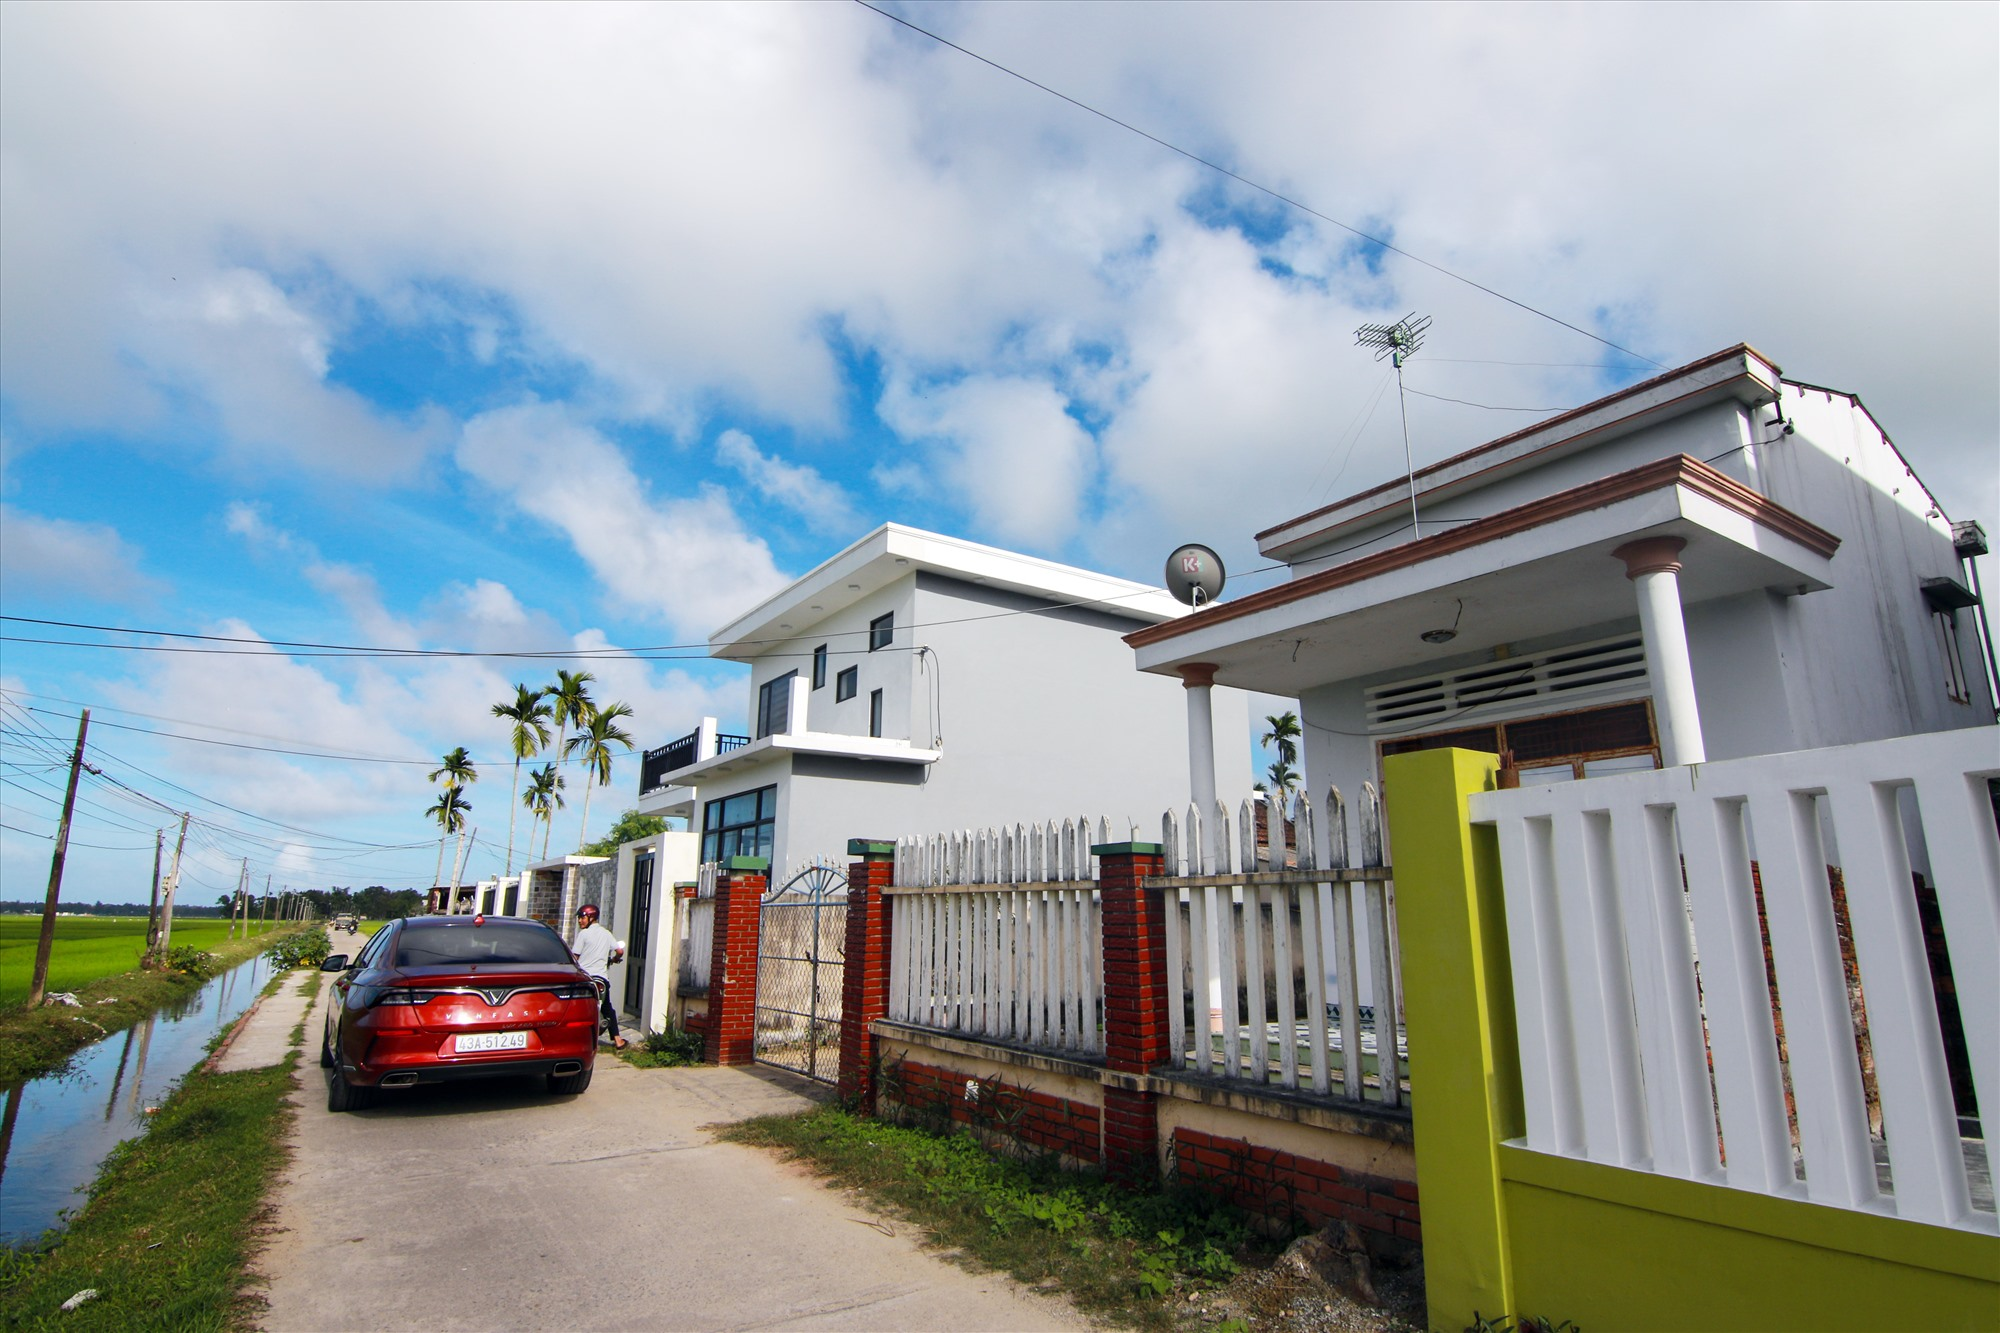 Diện mạo nông thôn mới ở thôn Phú Nam ngày càng khởi sắc. Ảnh: T.C